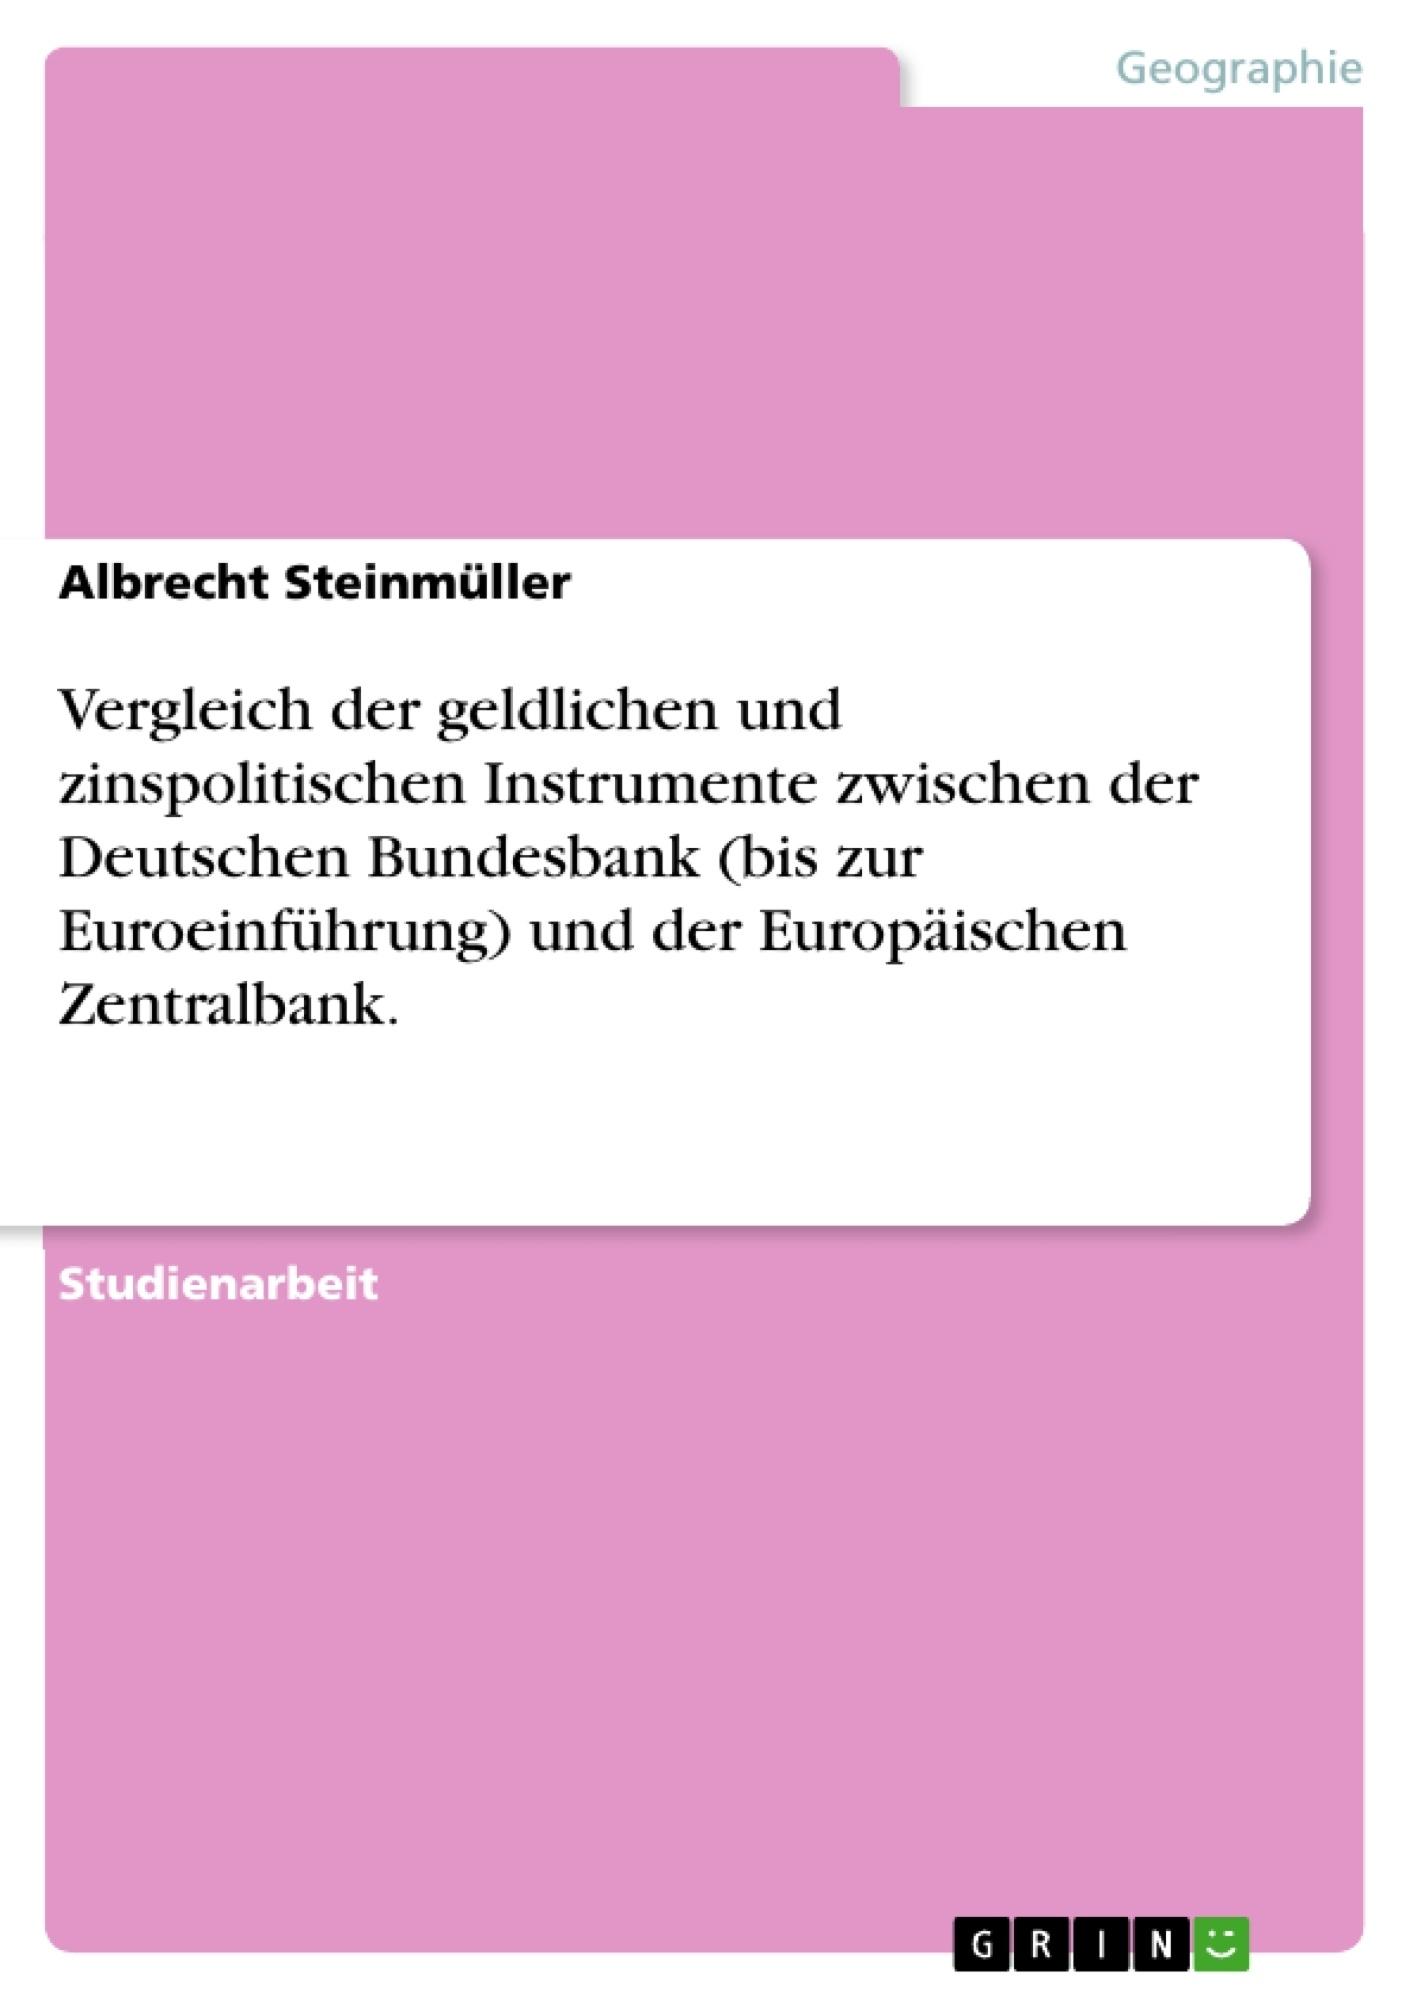 Titel: Vergleich der geldlichen und zinspolitischen Instrumente zwischen der Deutschen Bundesbank (bis zur Euroeinführung) und der Europäischen Zentralbank.